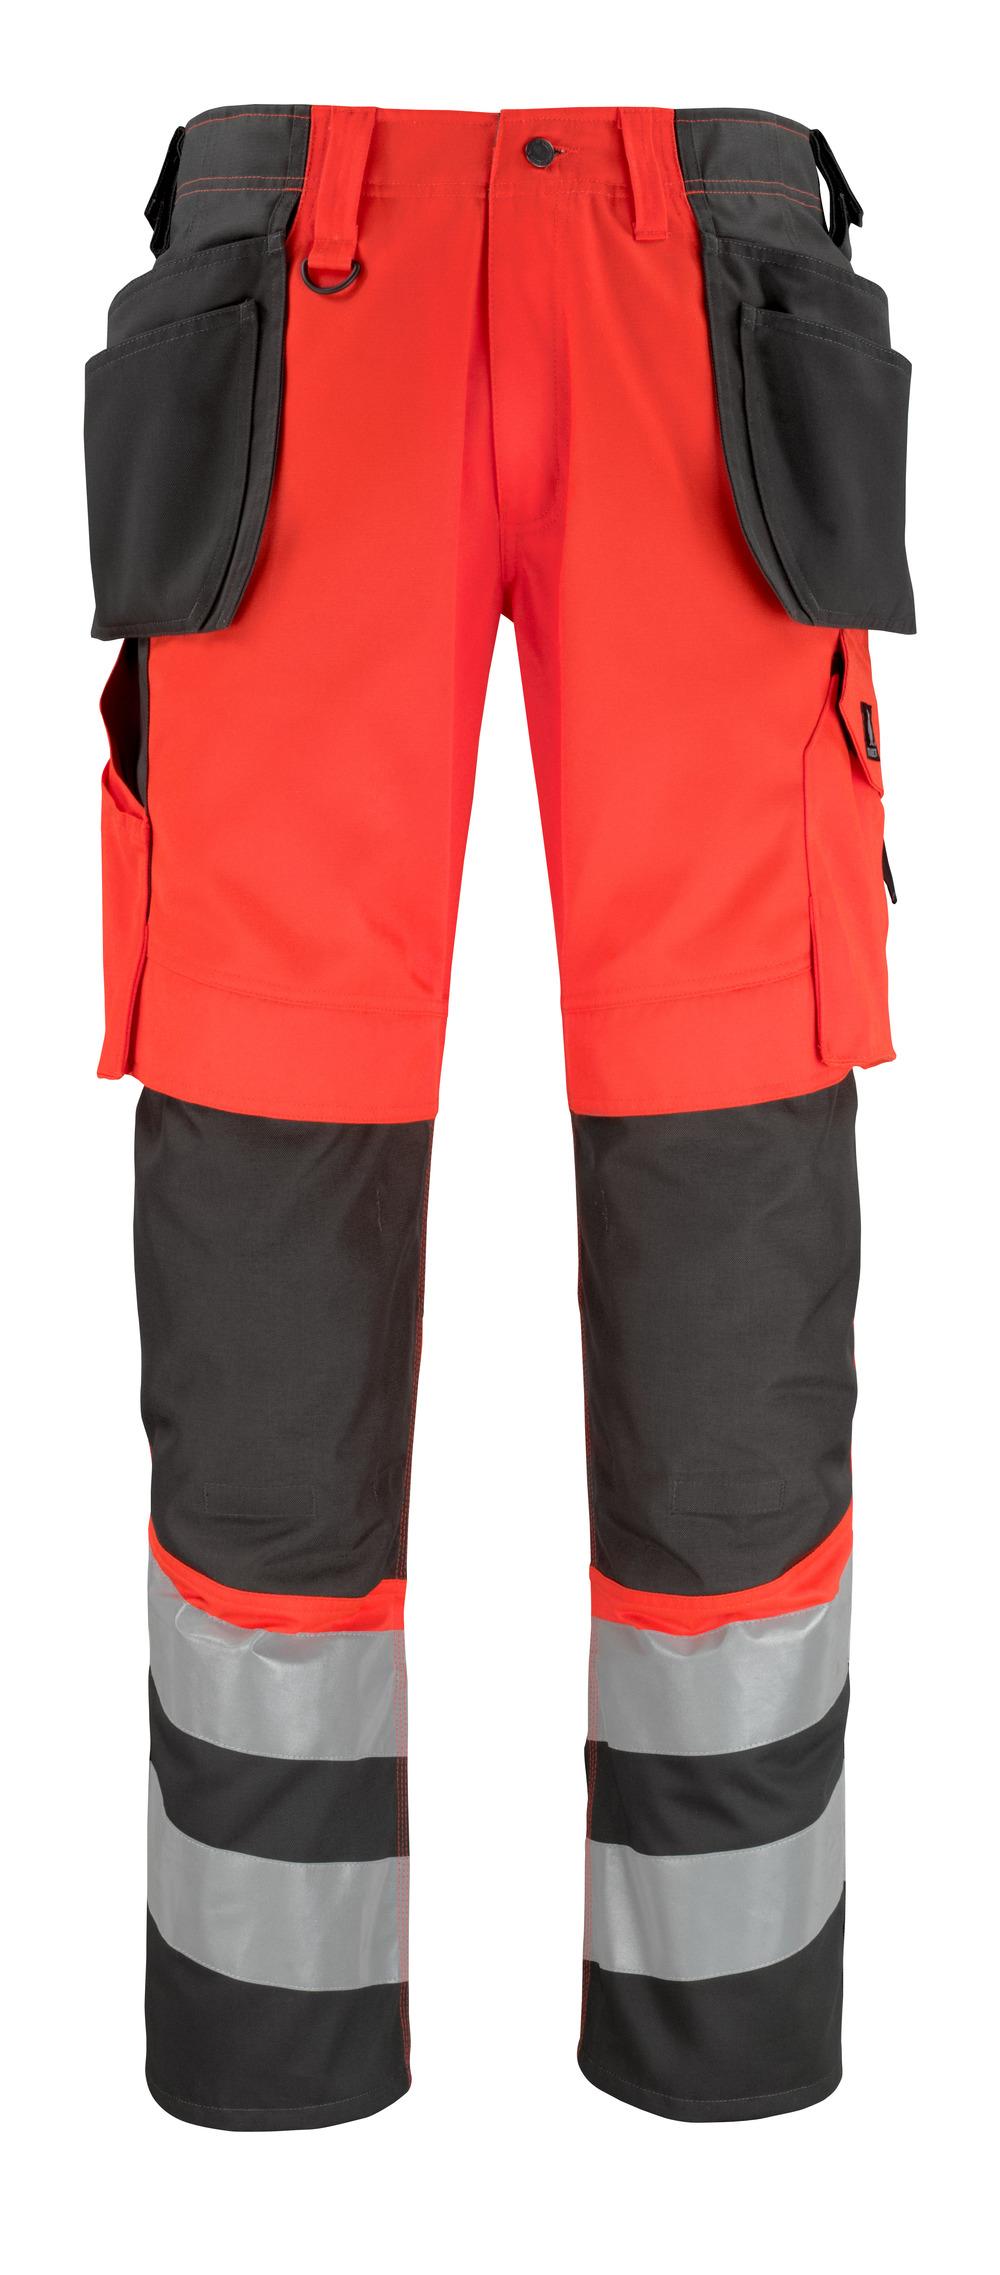 14931-860-A49 Bukser med kne- og hengelommer - hi-vis rød/mørk antrasitt